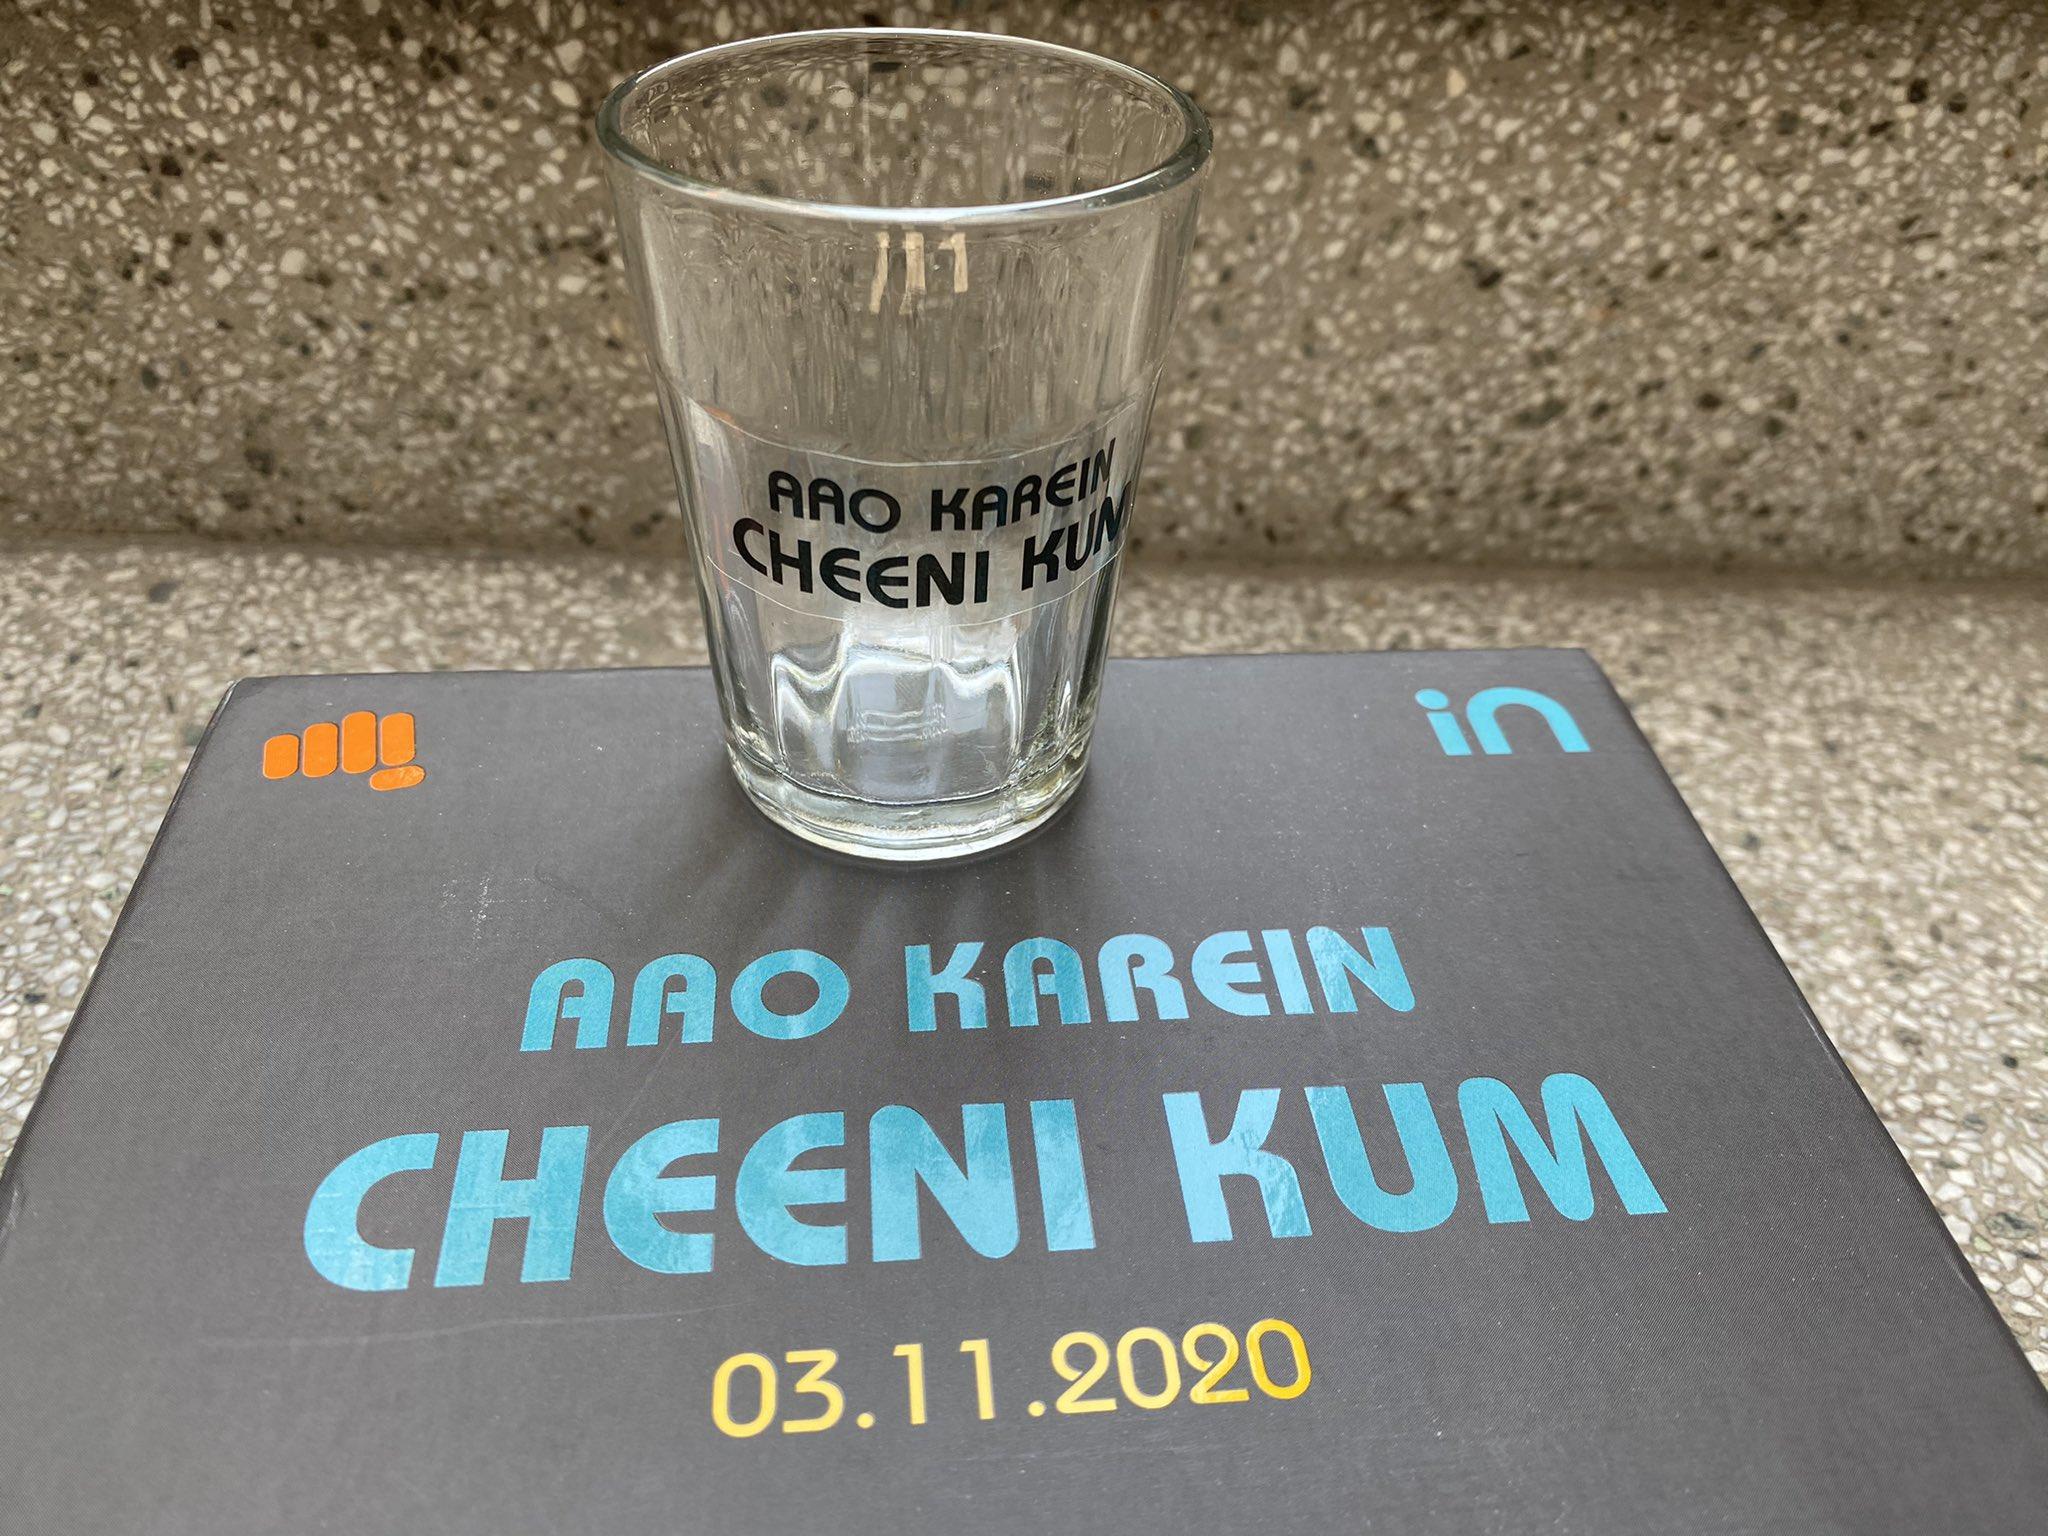 """""""Aao Karein Cheeni Kum"""" 03.11.2020"""